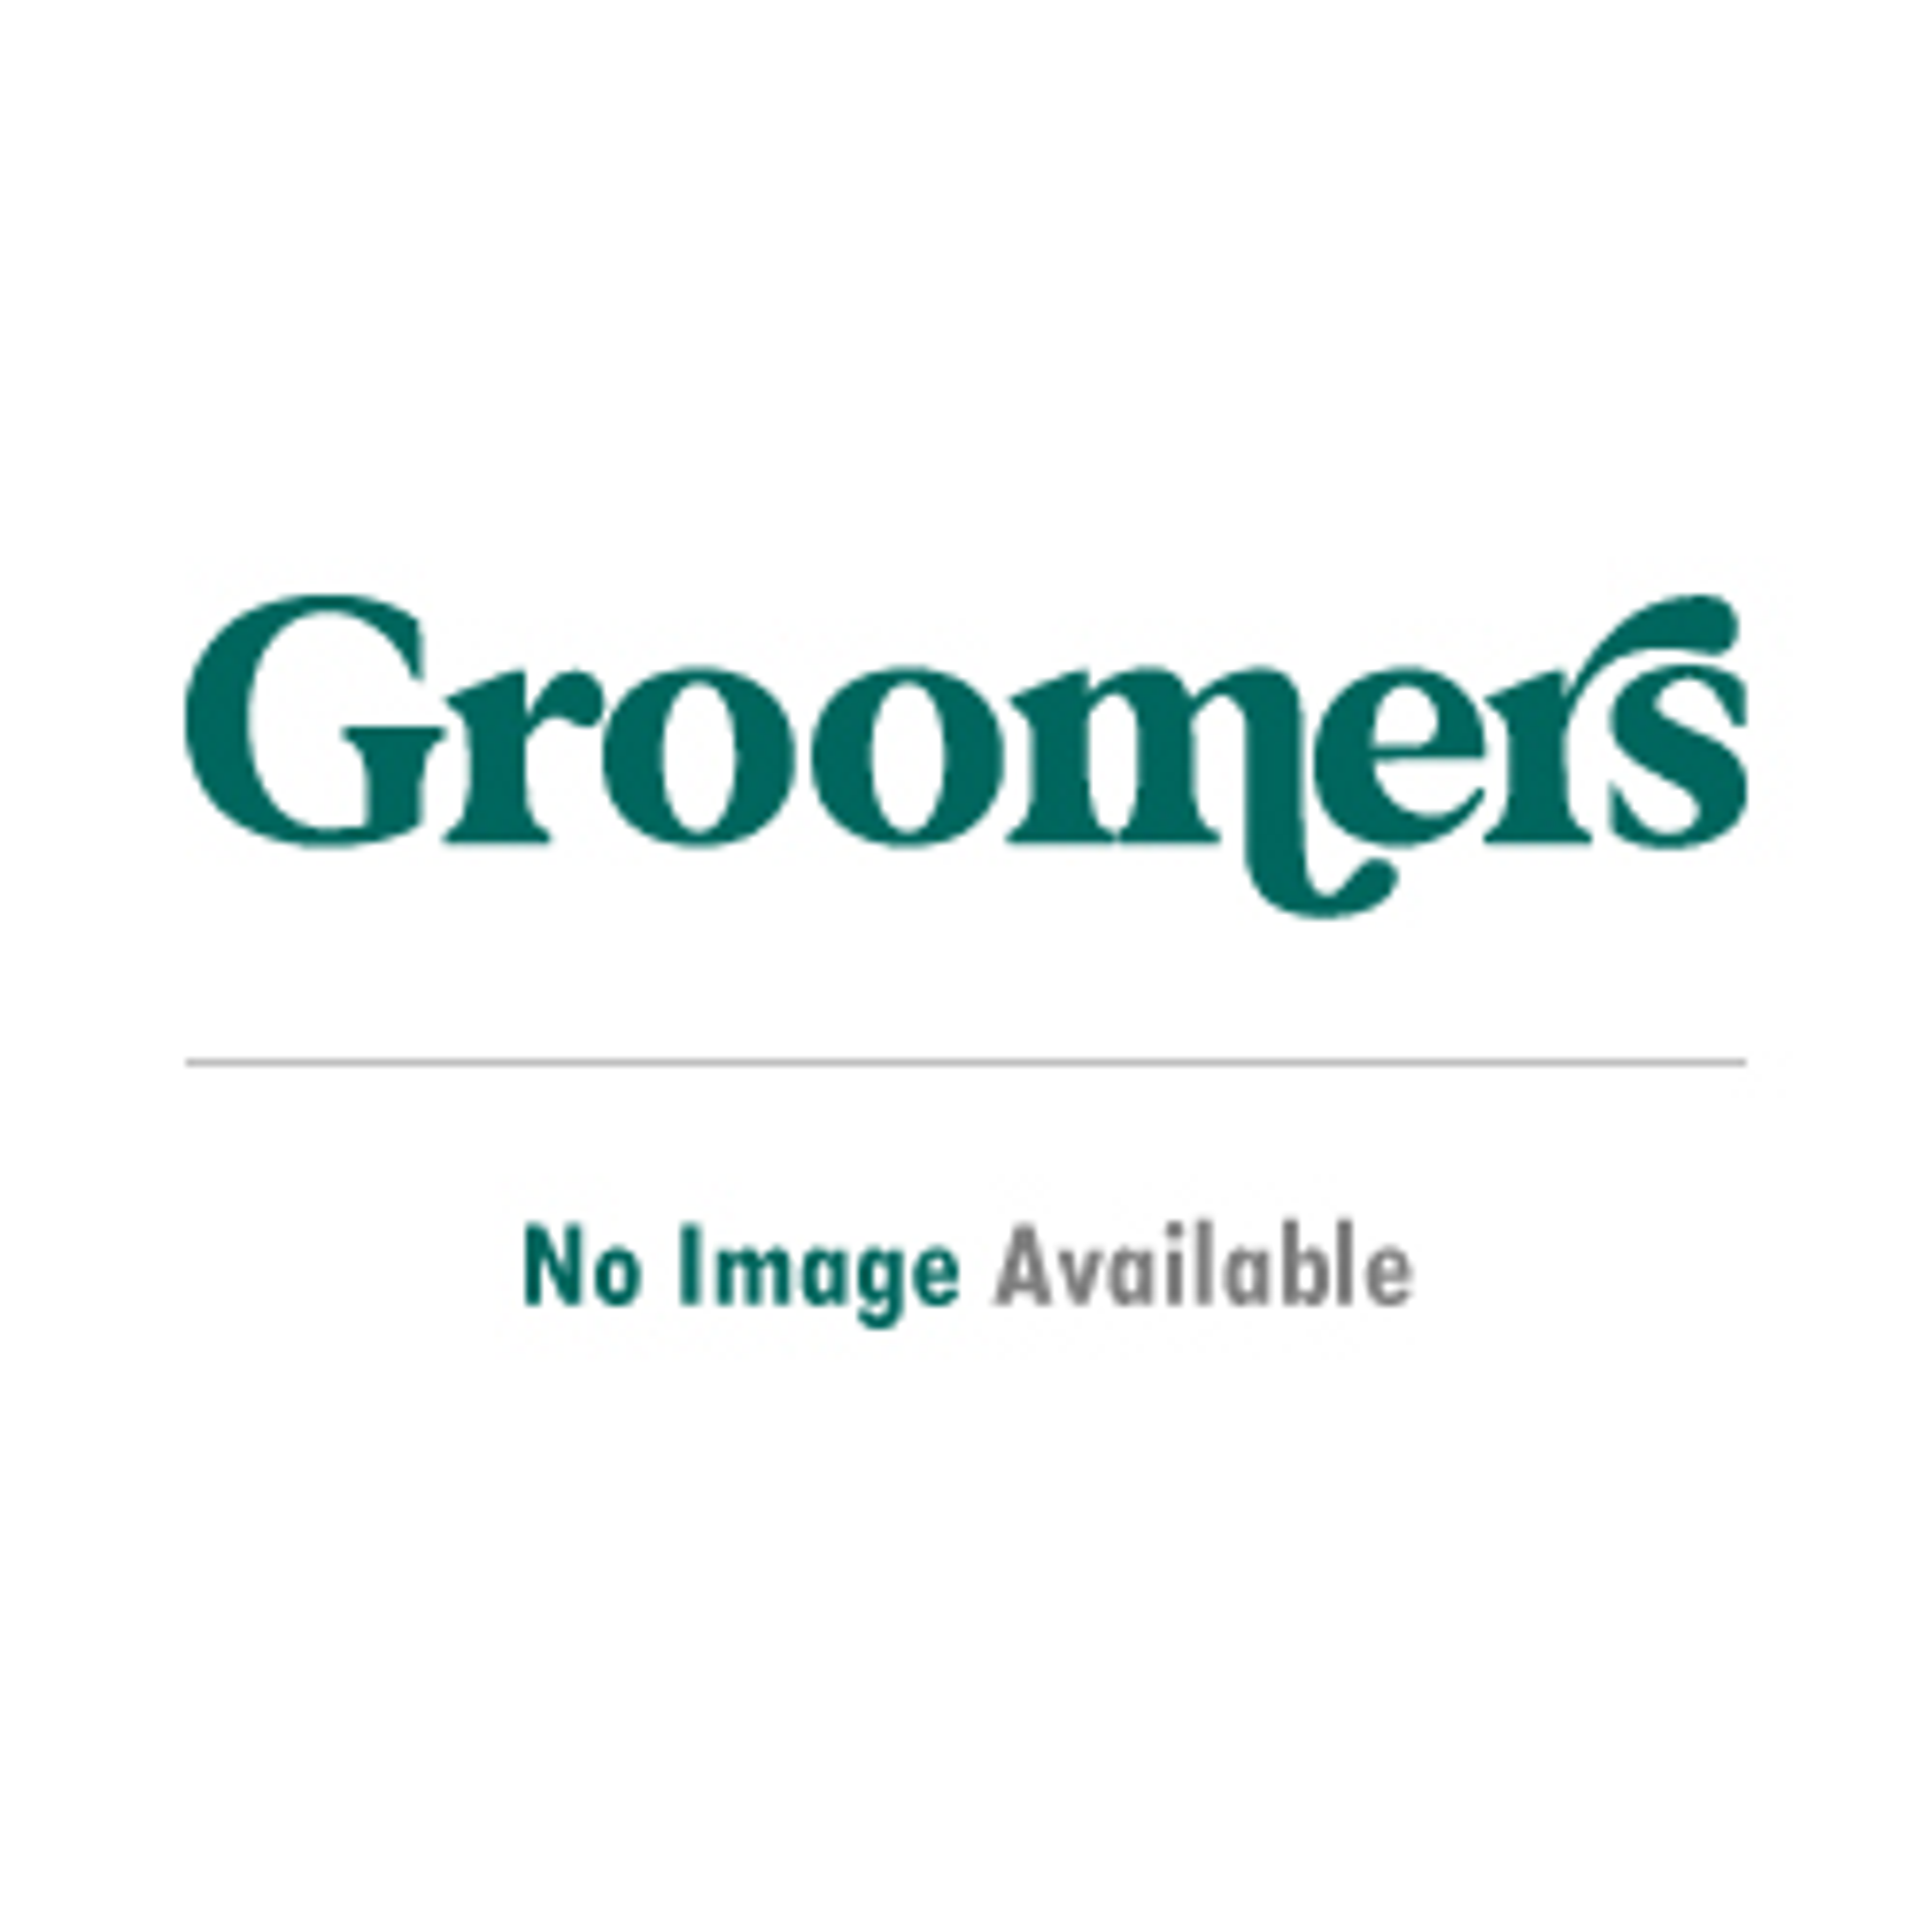 Groomers Tote Bag